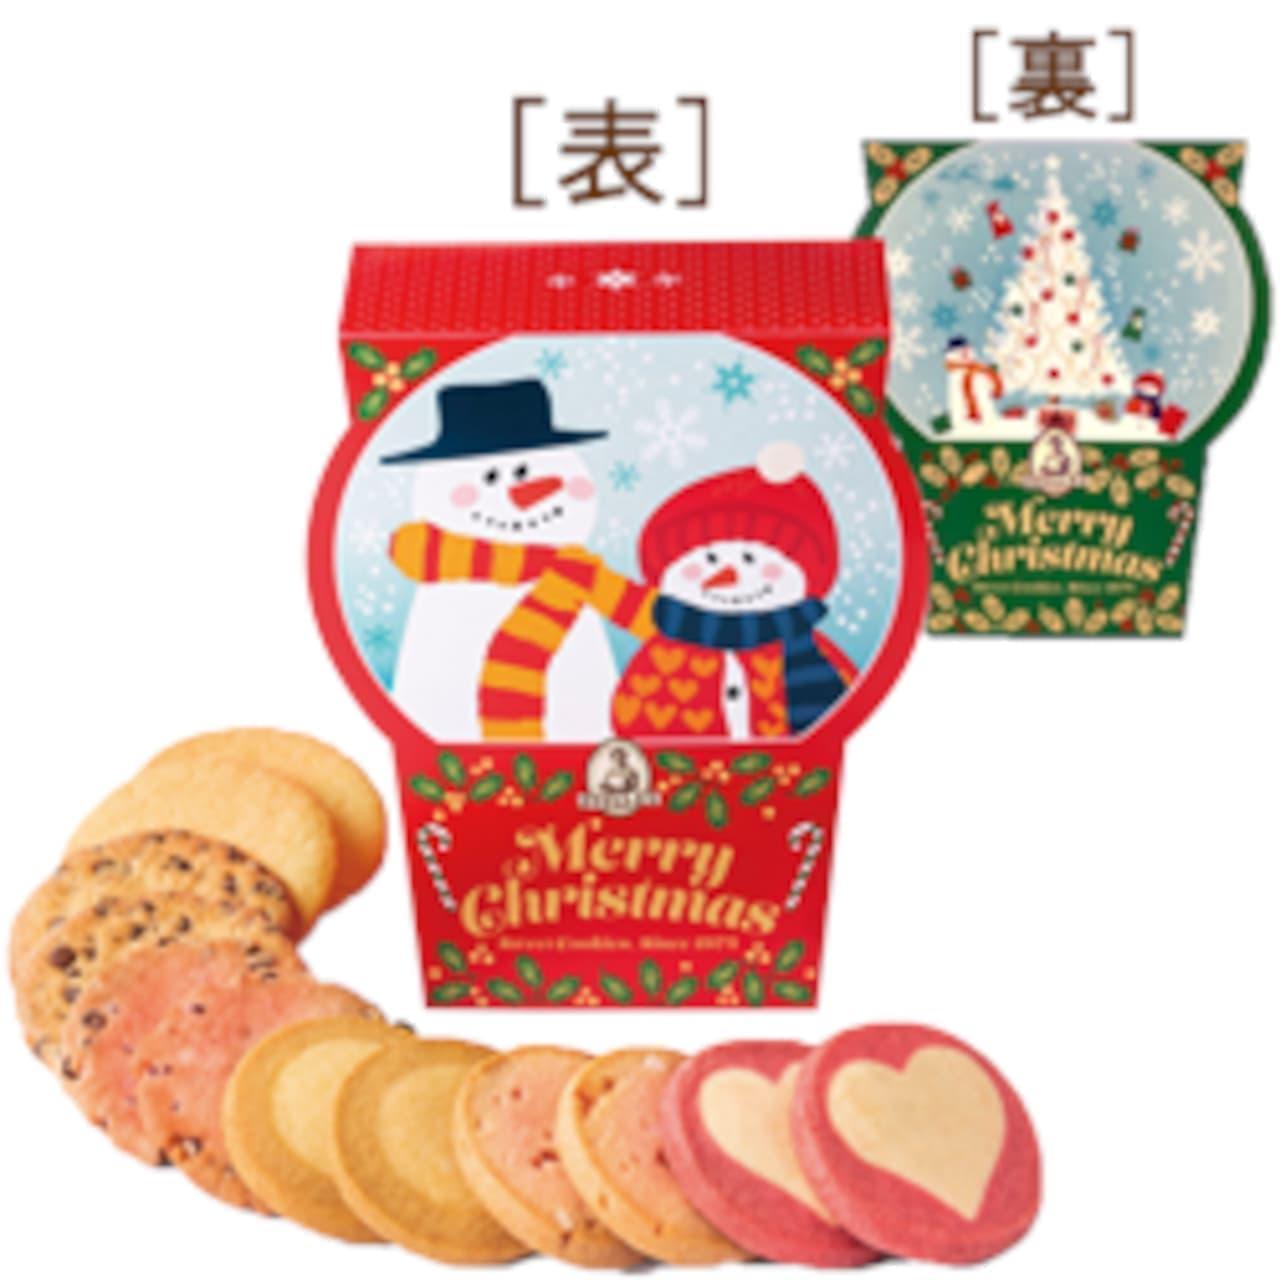 ステラおばさんのクッキークリスマスフェア